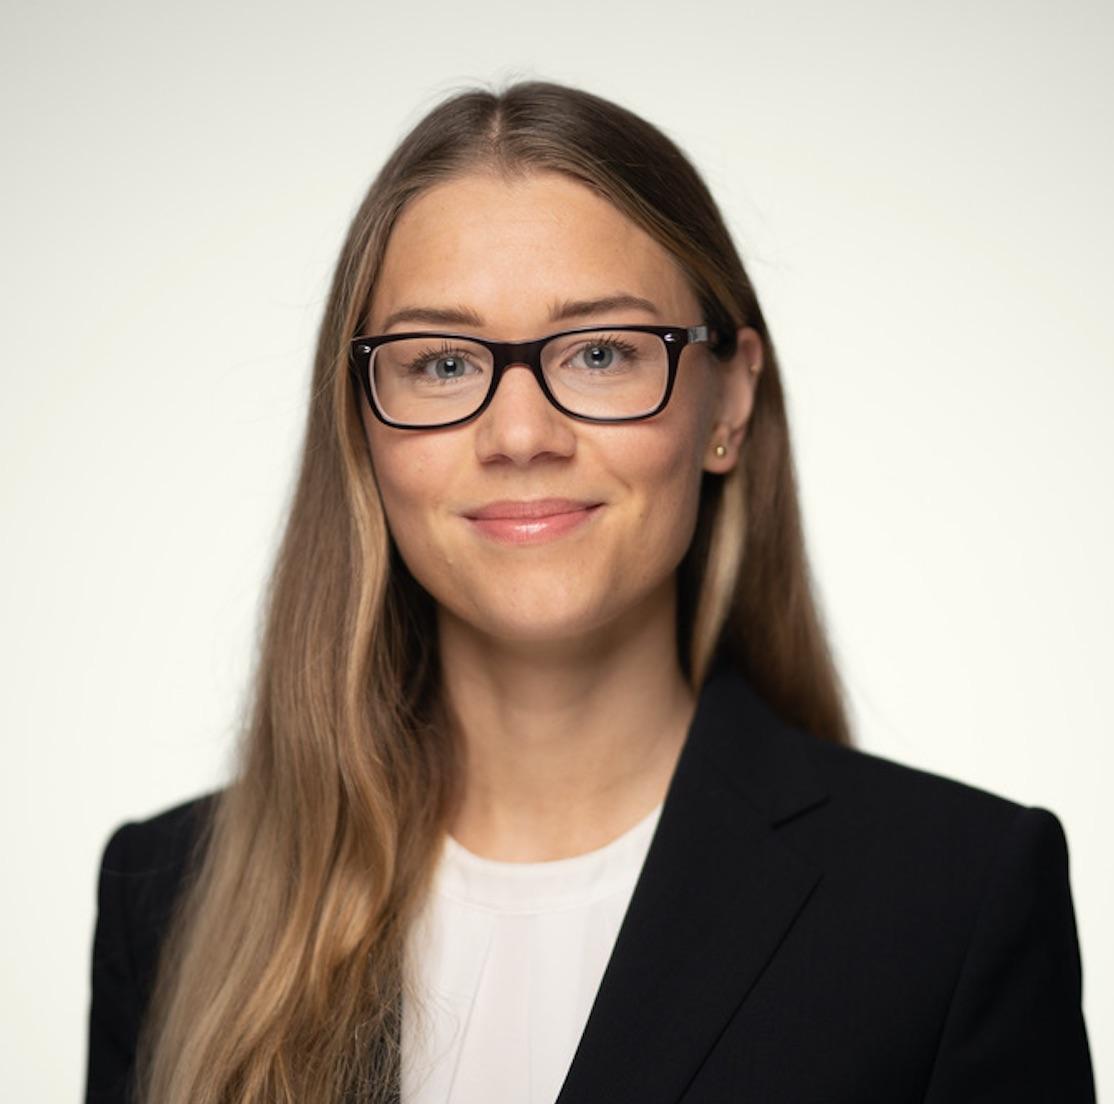 Natalie Köhler